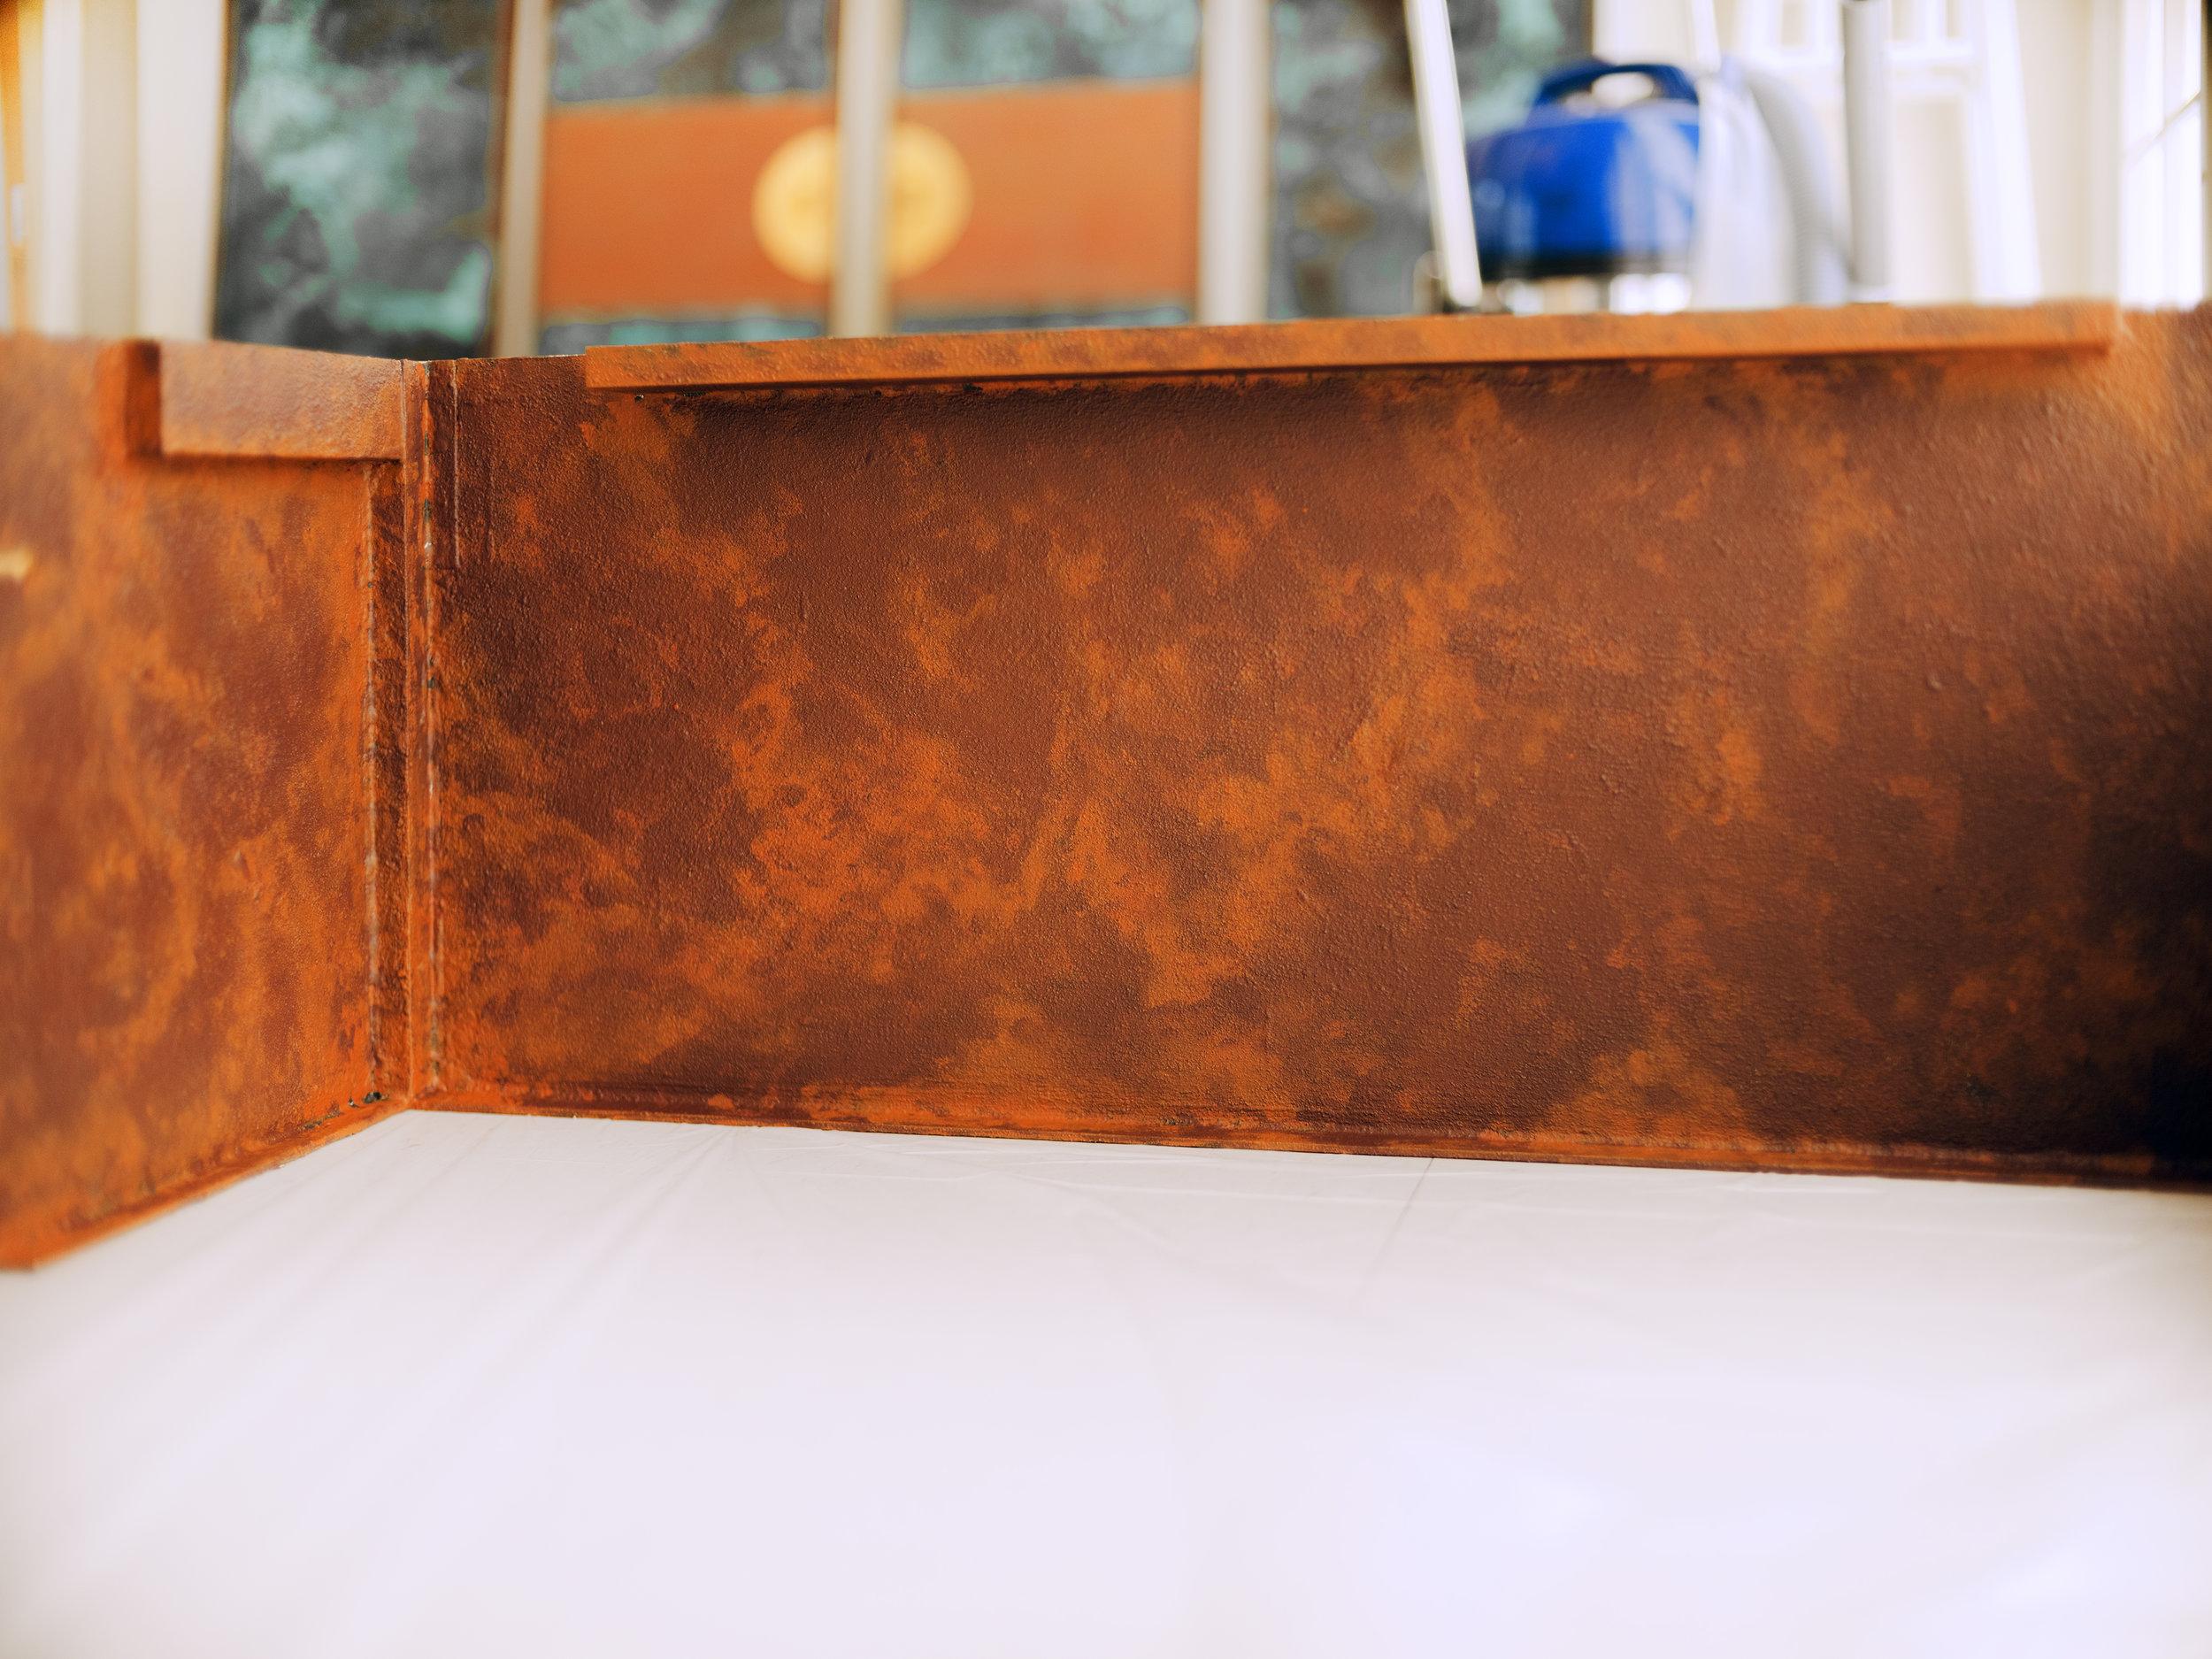 GirouxDaguerreotypeCameraDarkroom#91(4000-72).jpg